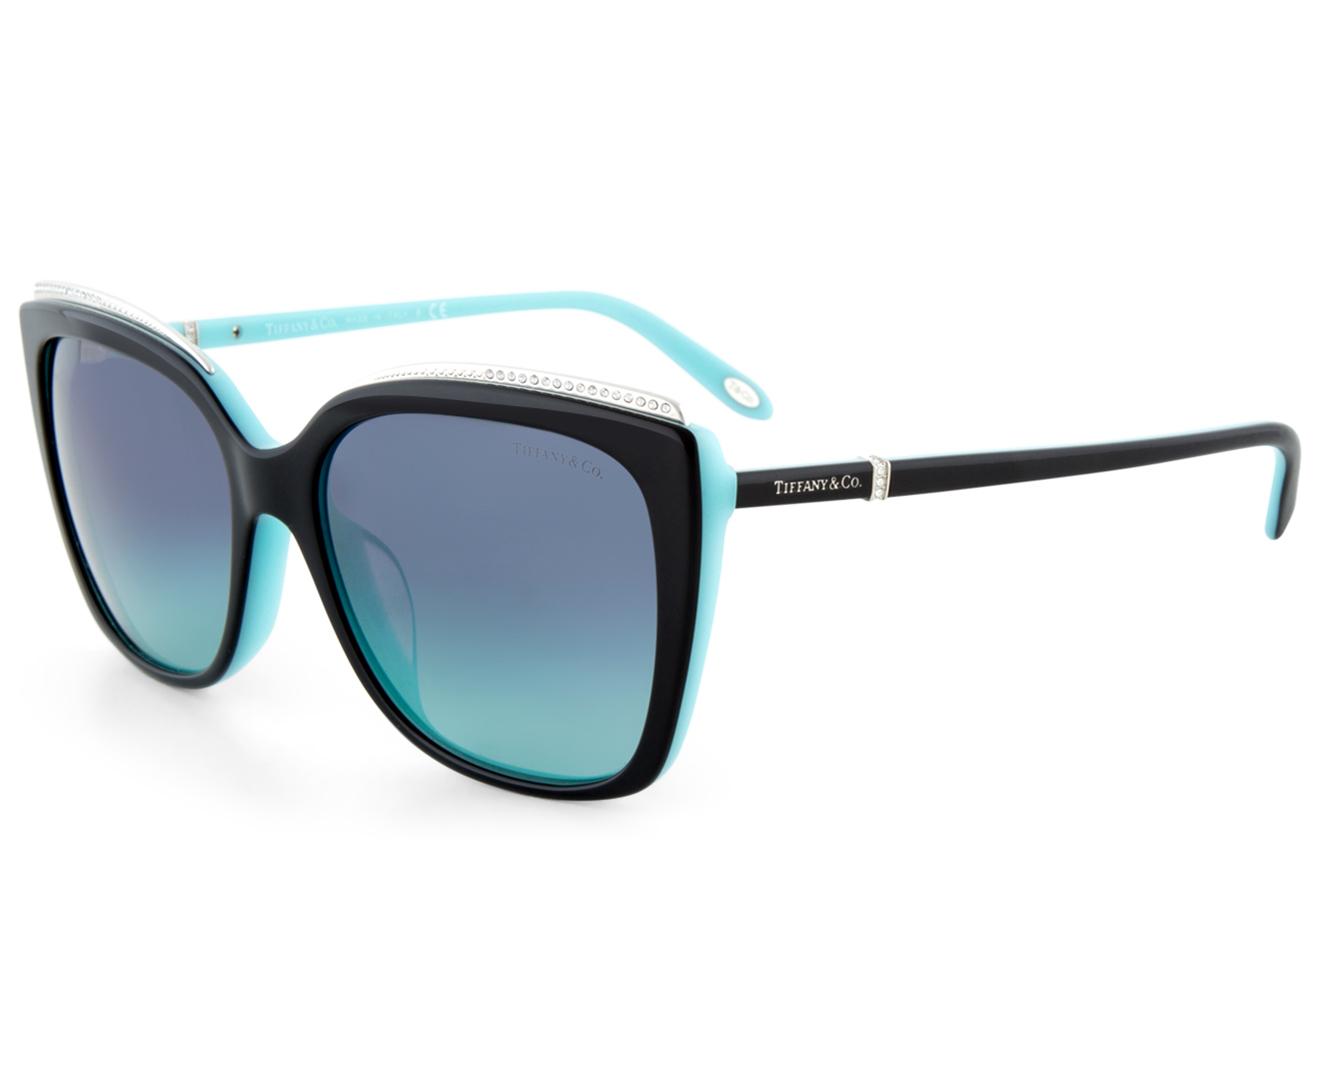 Tiffany Amp Co Women S 0tf4135bf Square Sunglasses Black